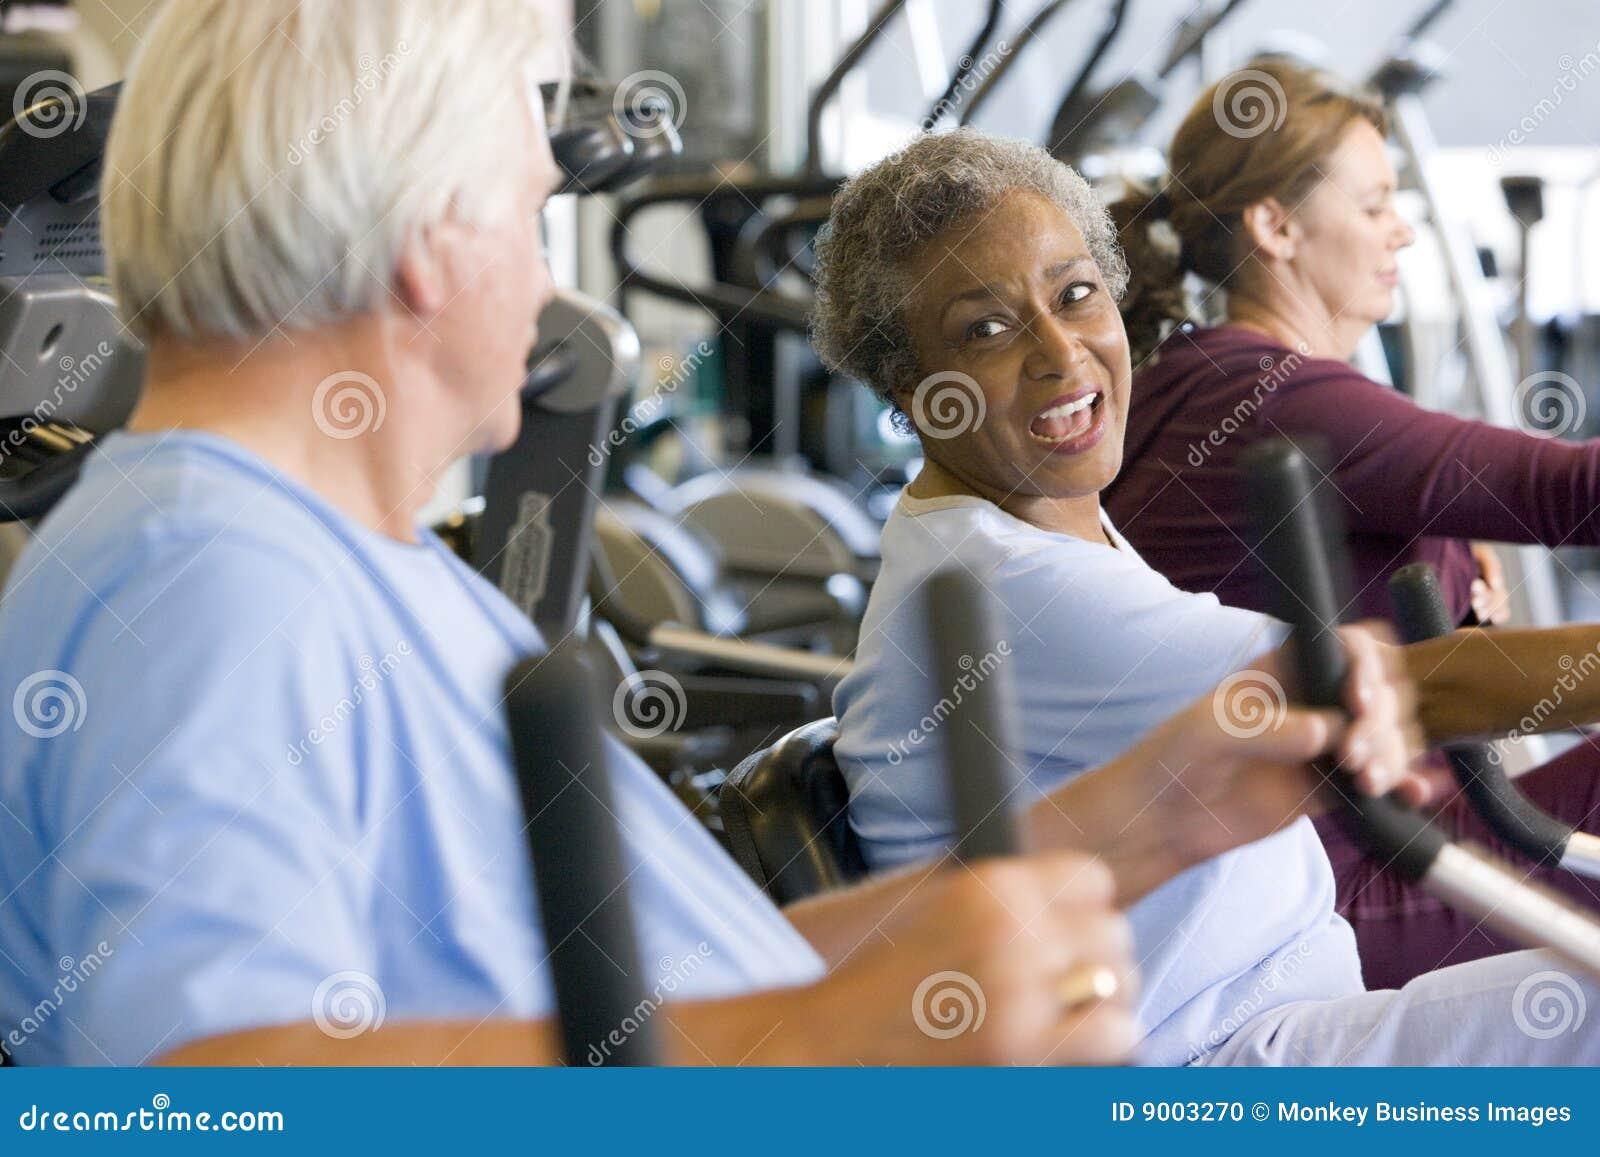 Patienten, die in der Gymnastik ausarbeiten